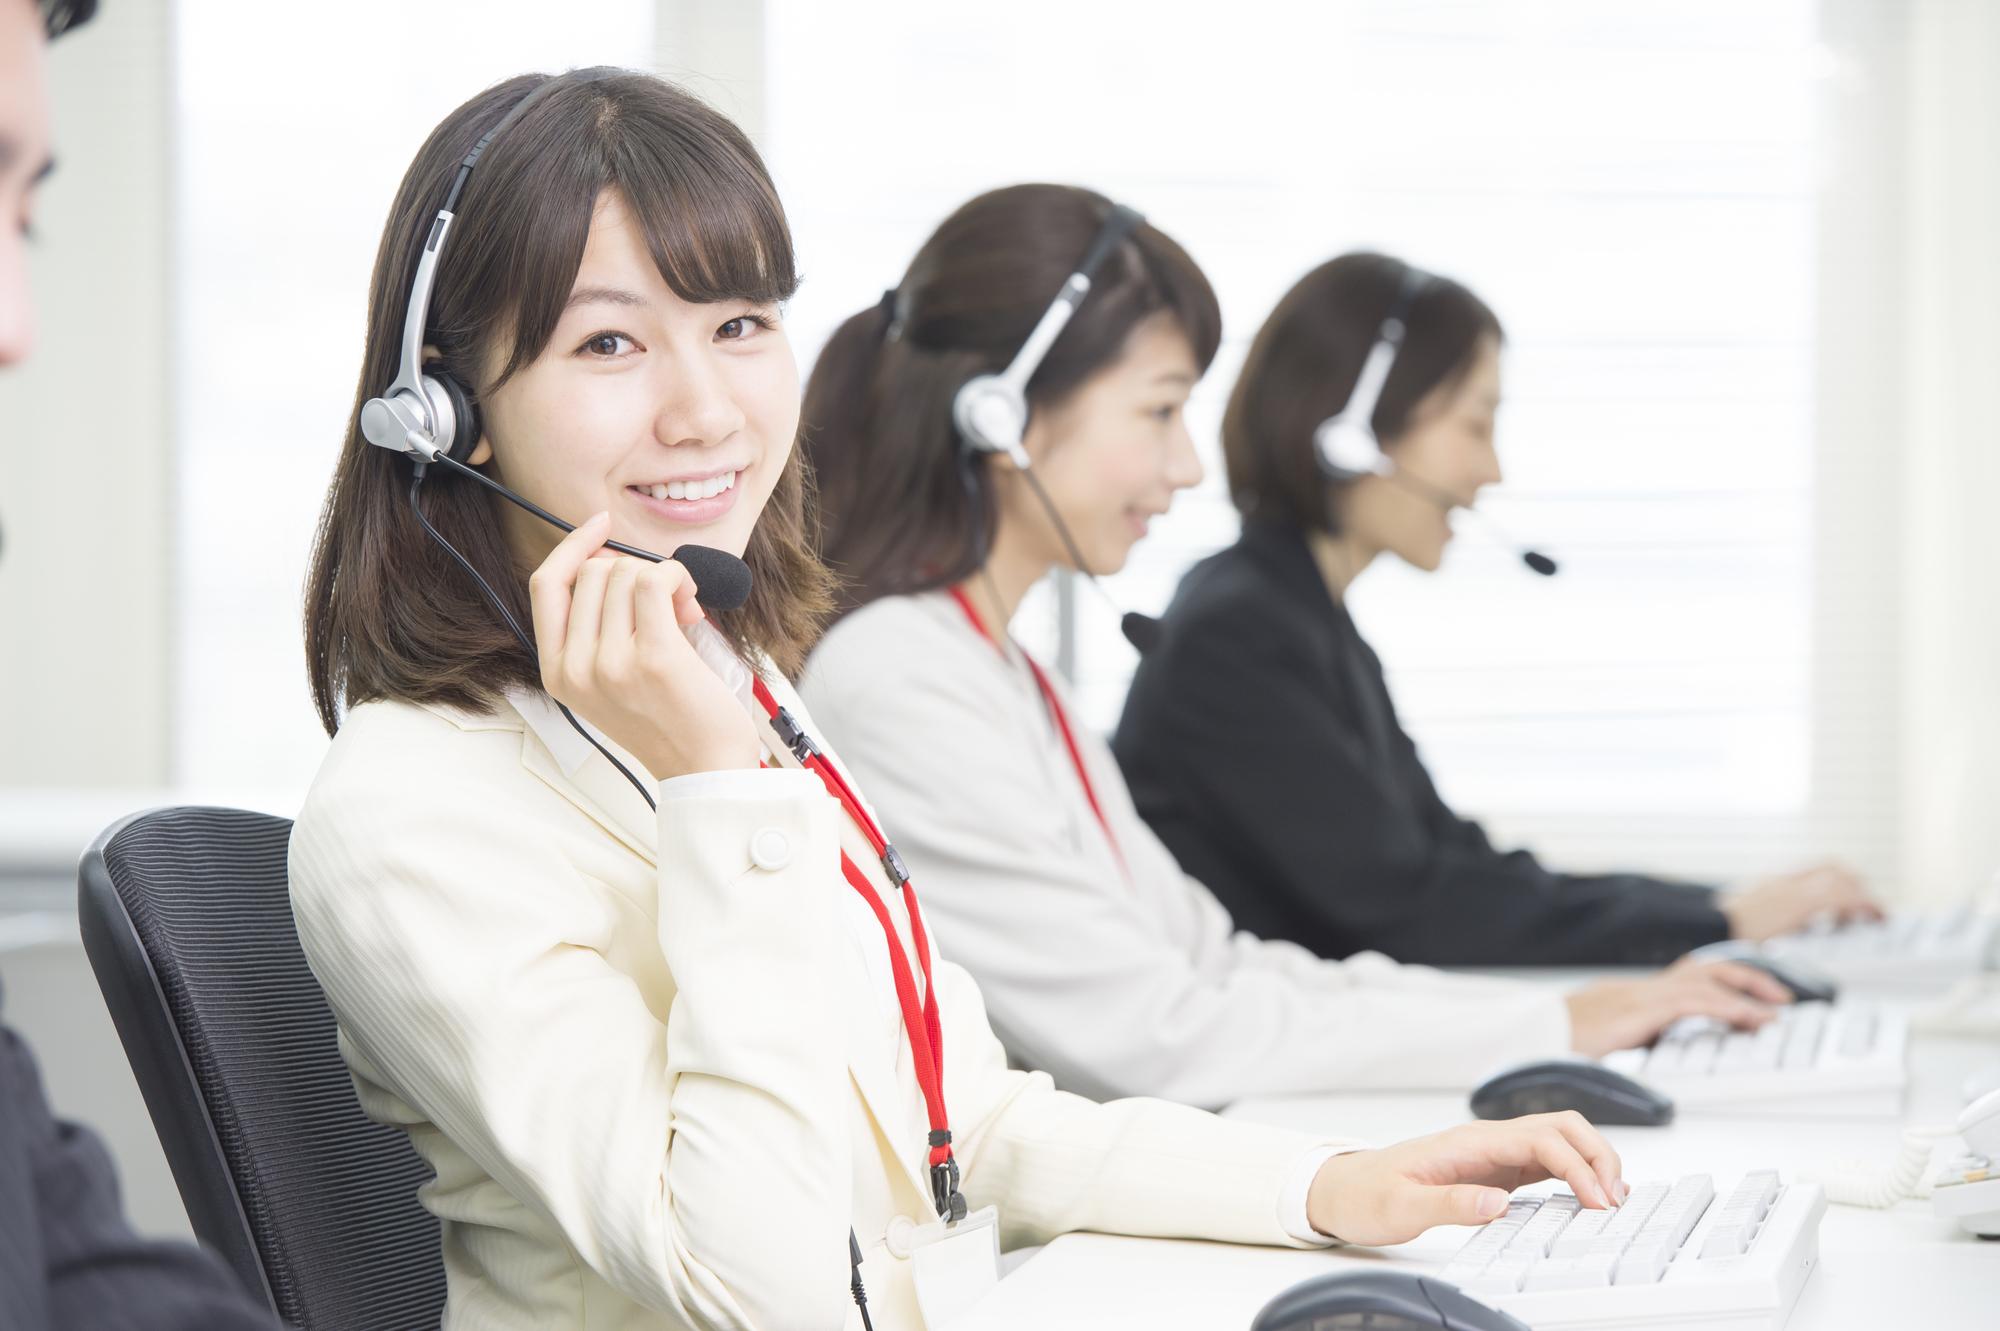 コールセンター立ち上げの求人やCTIシステム活用について